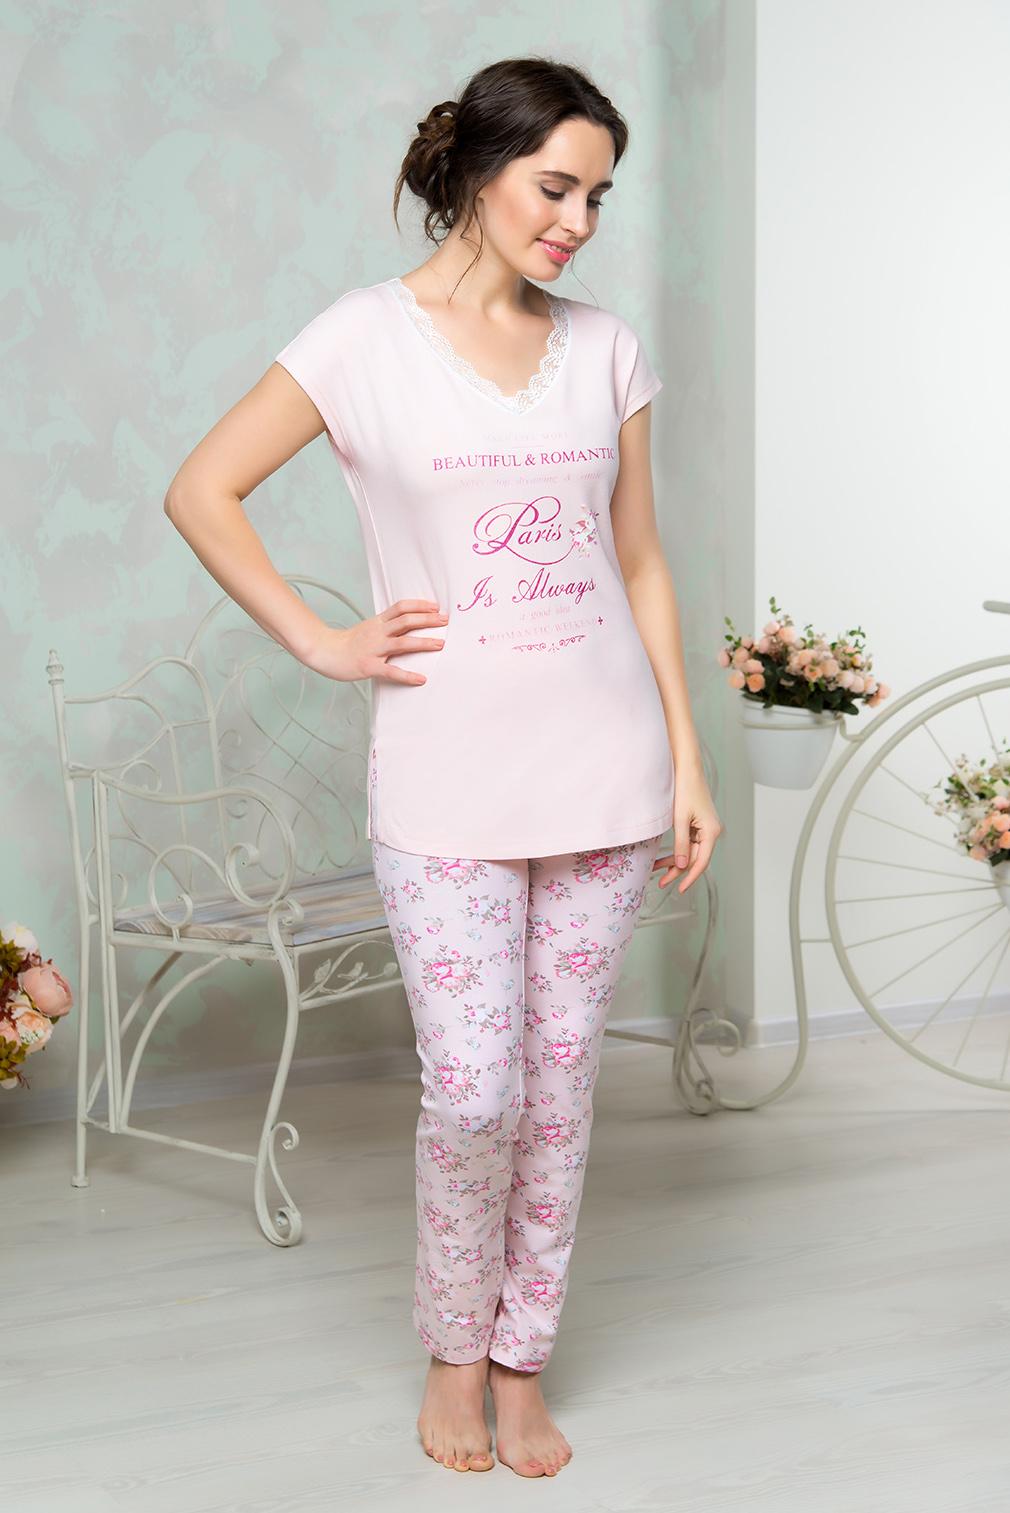 Комплект домашний женский Mia Cara: футболка, брюки, цвет: розовый. AW16-MCUZ-846. Размер 42/44AW16-MCUZ-846Комплект домашний одежды Mia Cara состоит из футболки и брюк. Модель выполнена из высококачественного хлопка с добавлением эластана. Футболка с V-образной горловиной дополнена кружевом и принтом с надписями. Брюки оформлены цветочным принтом.